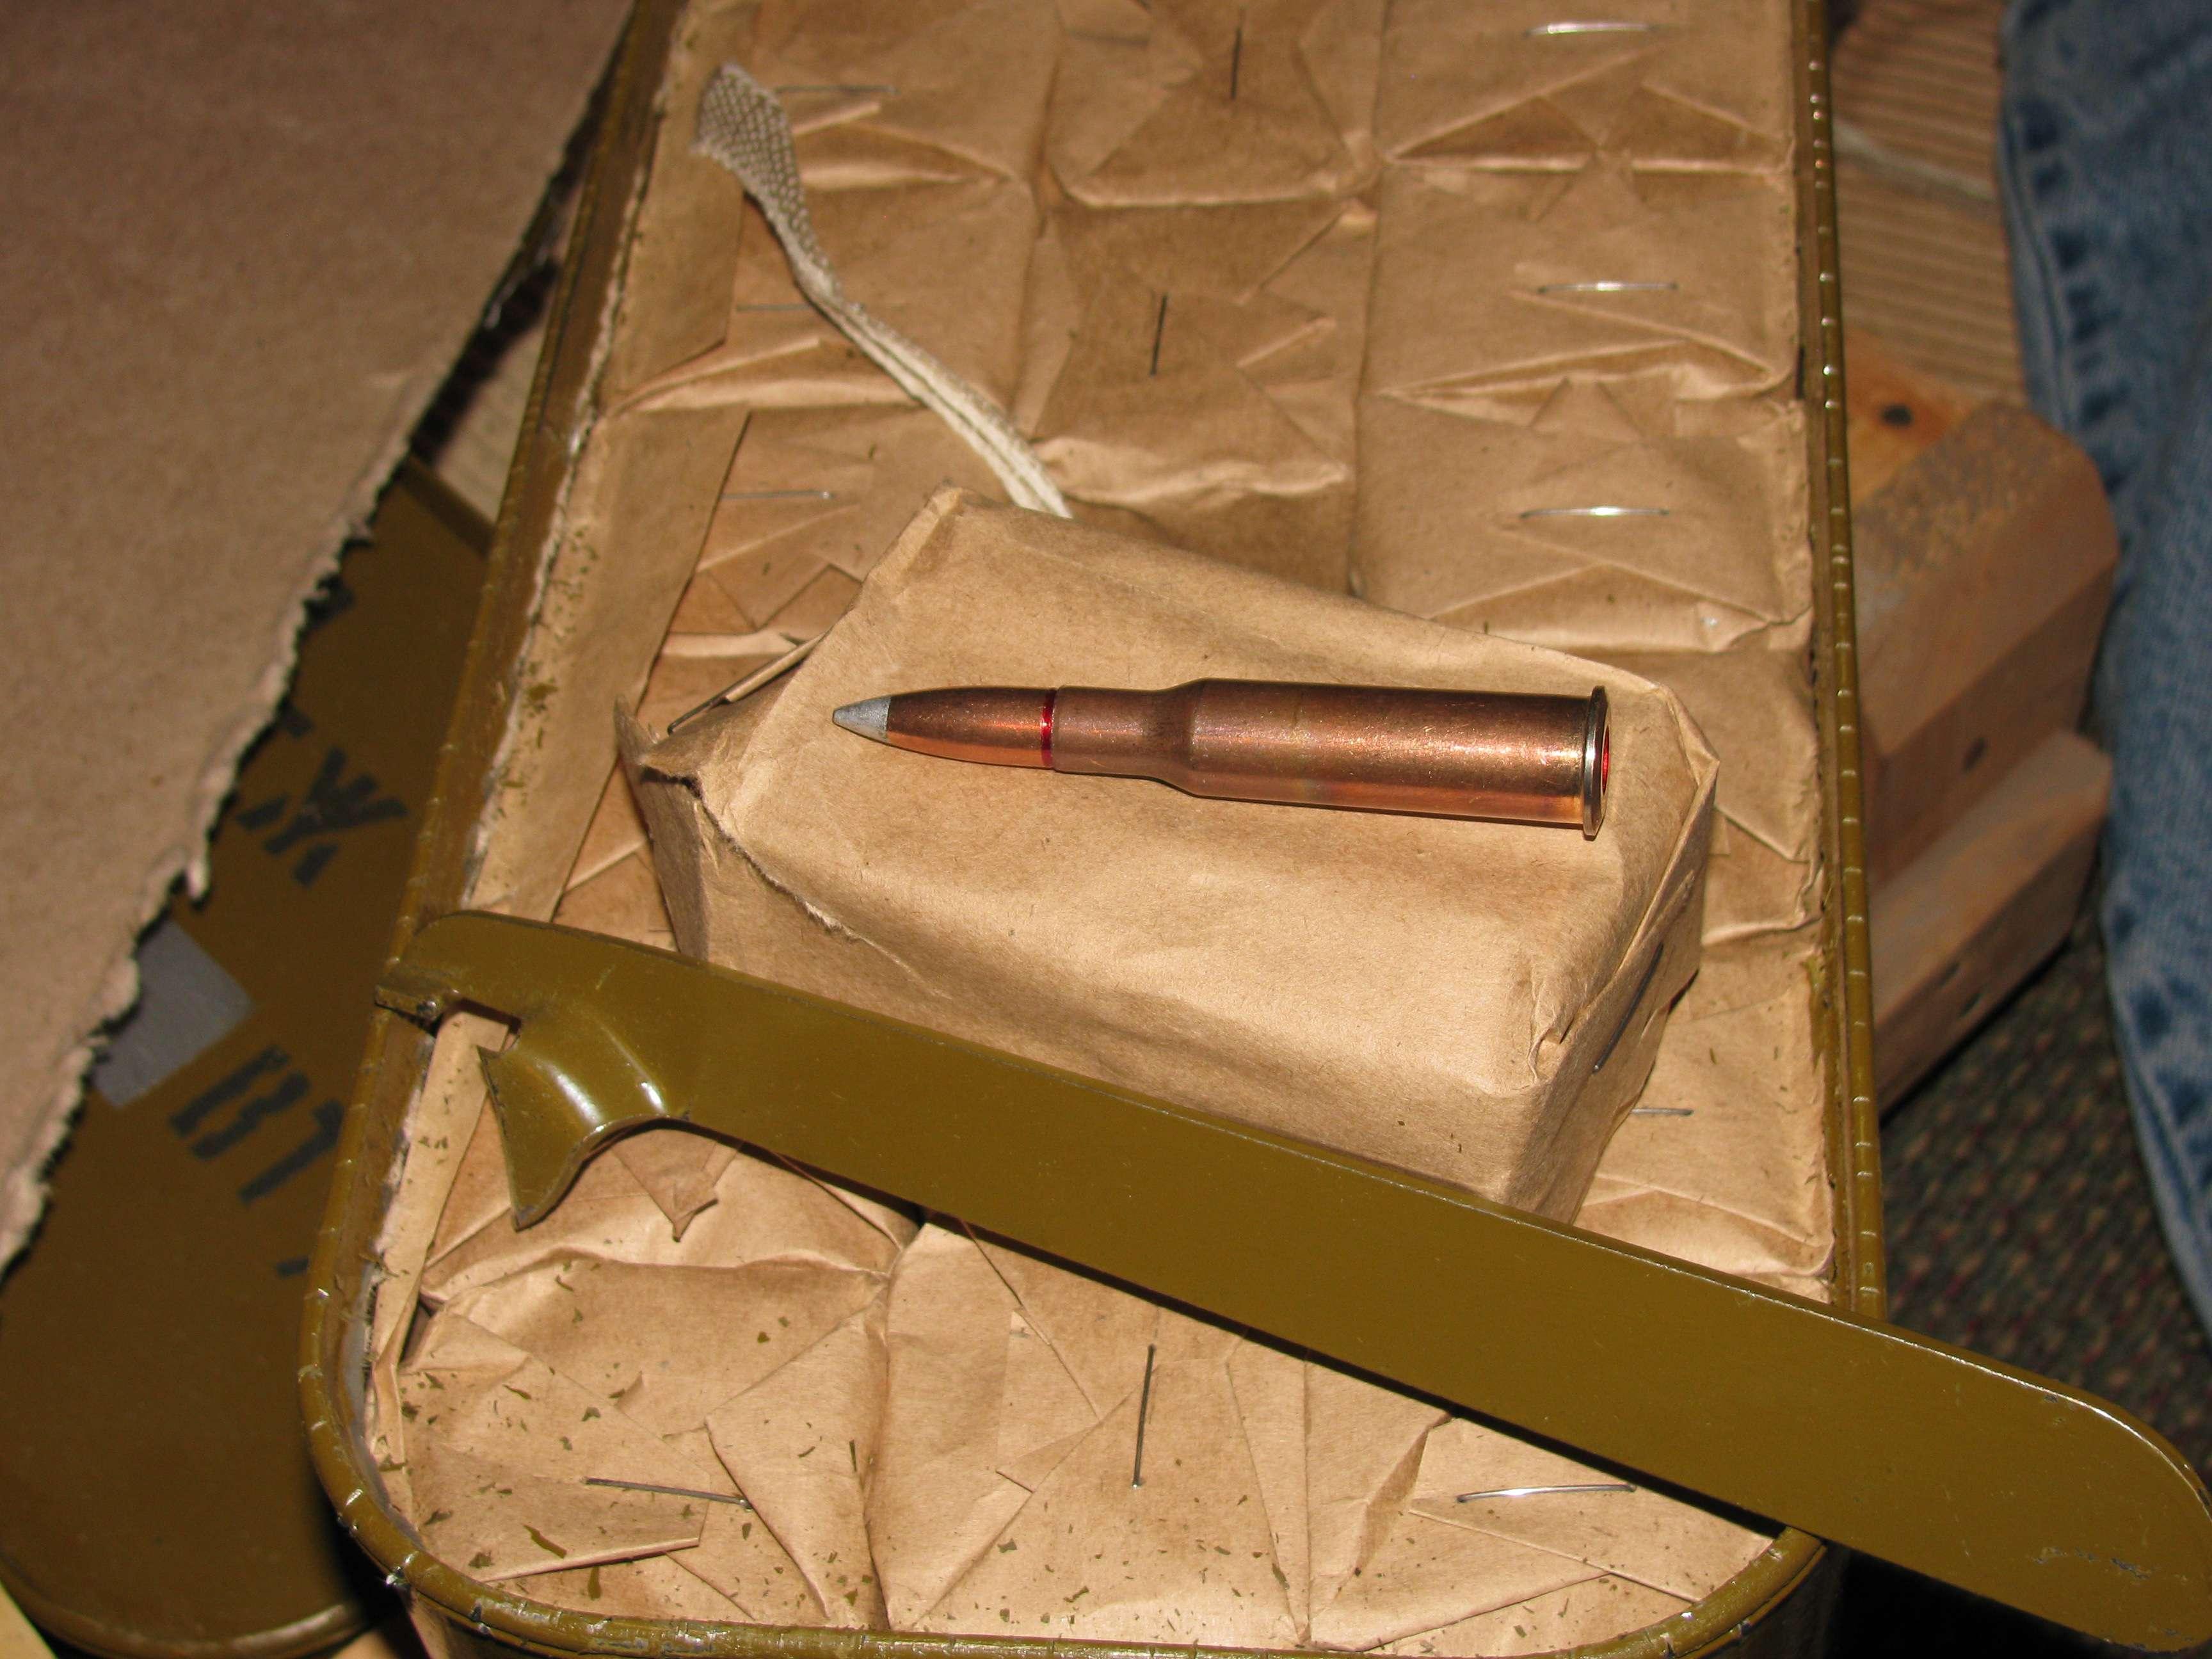 Mosin Sniper - Curio & Relic Discussion